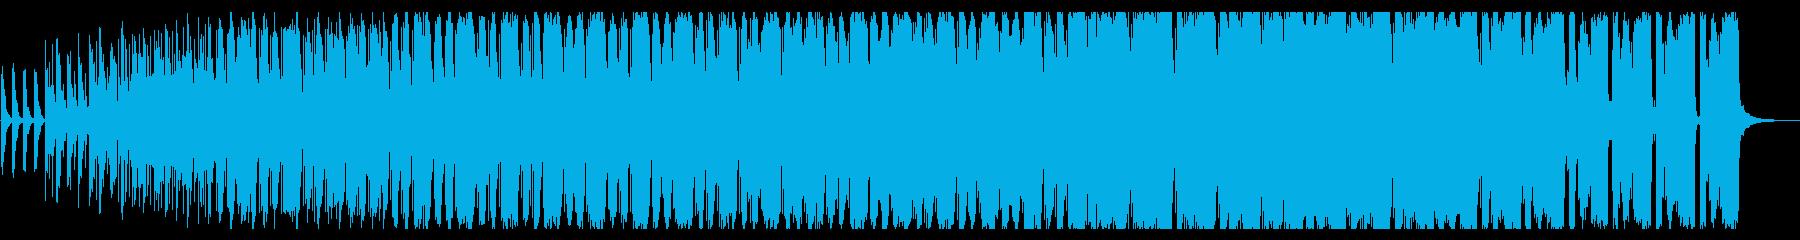 電気楽器。風変わりな、混、とした、...の再生済みの波形